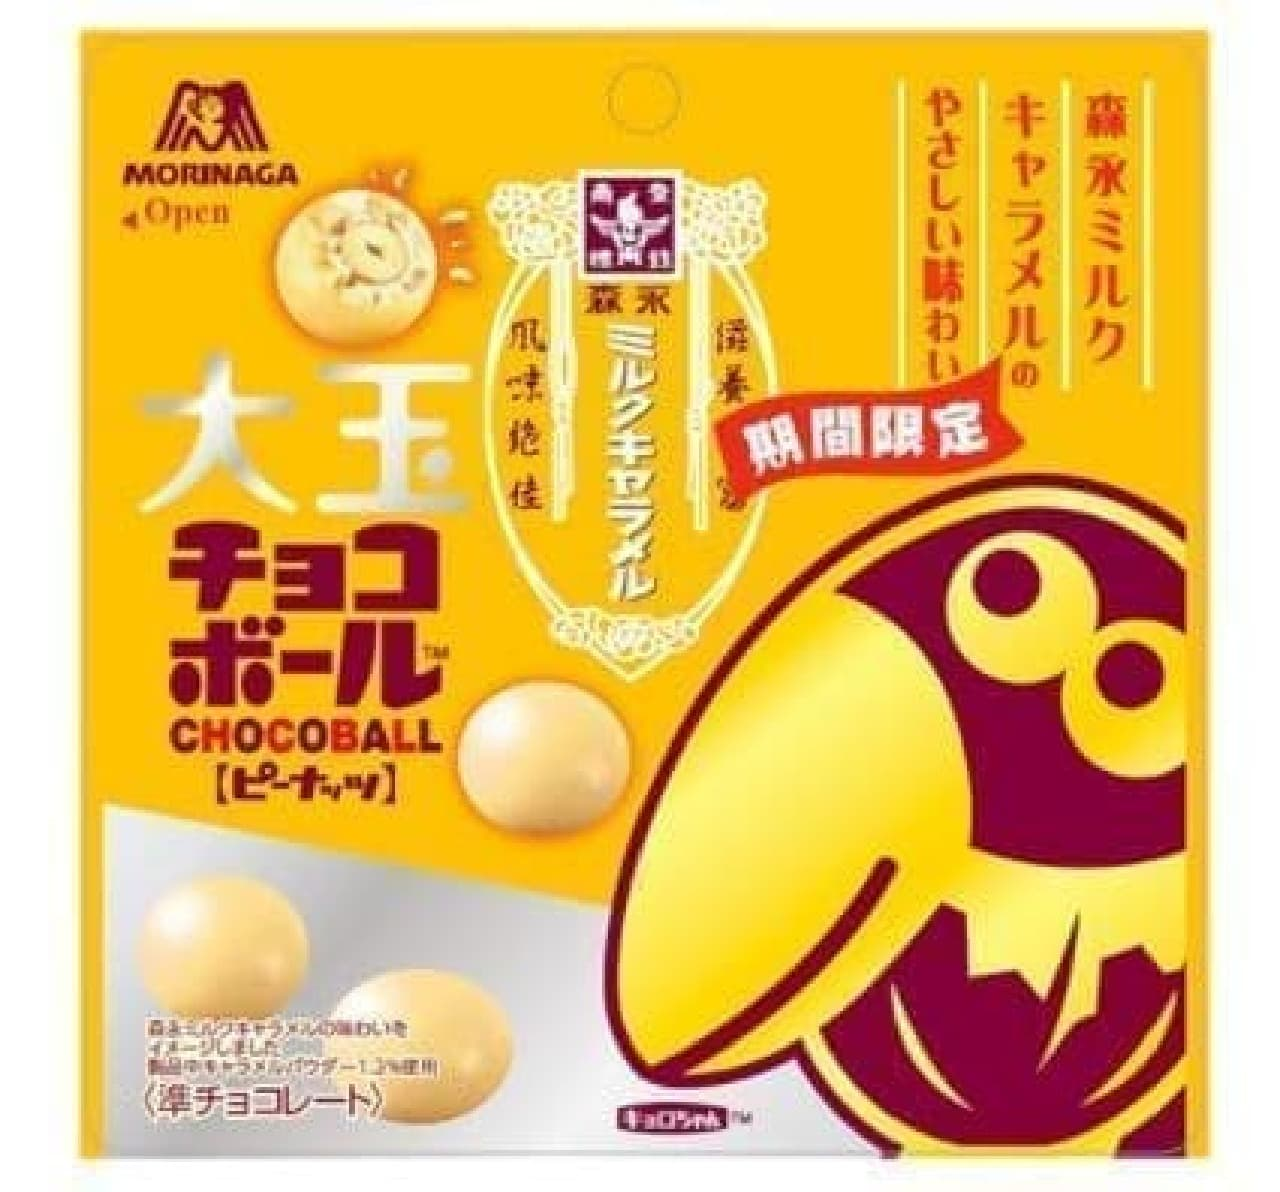 大玉チョコボールピーナッツ森永ミルクキャラメル味